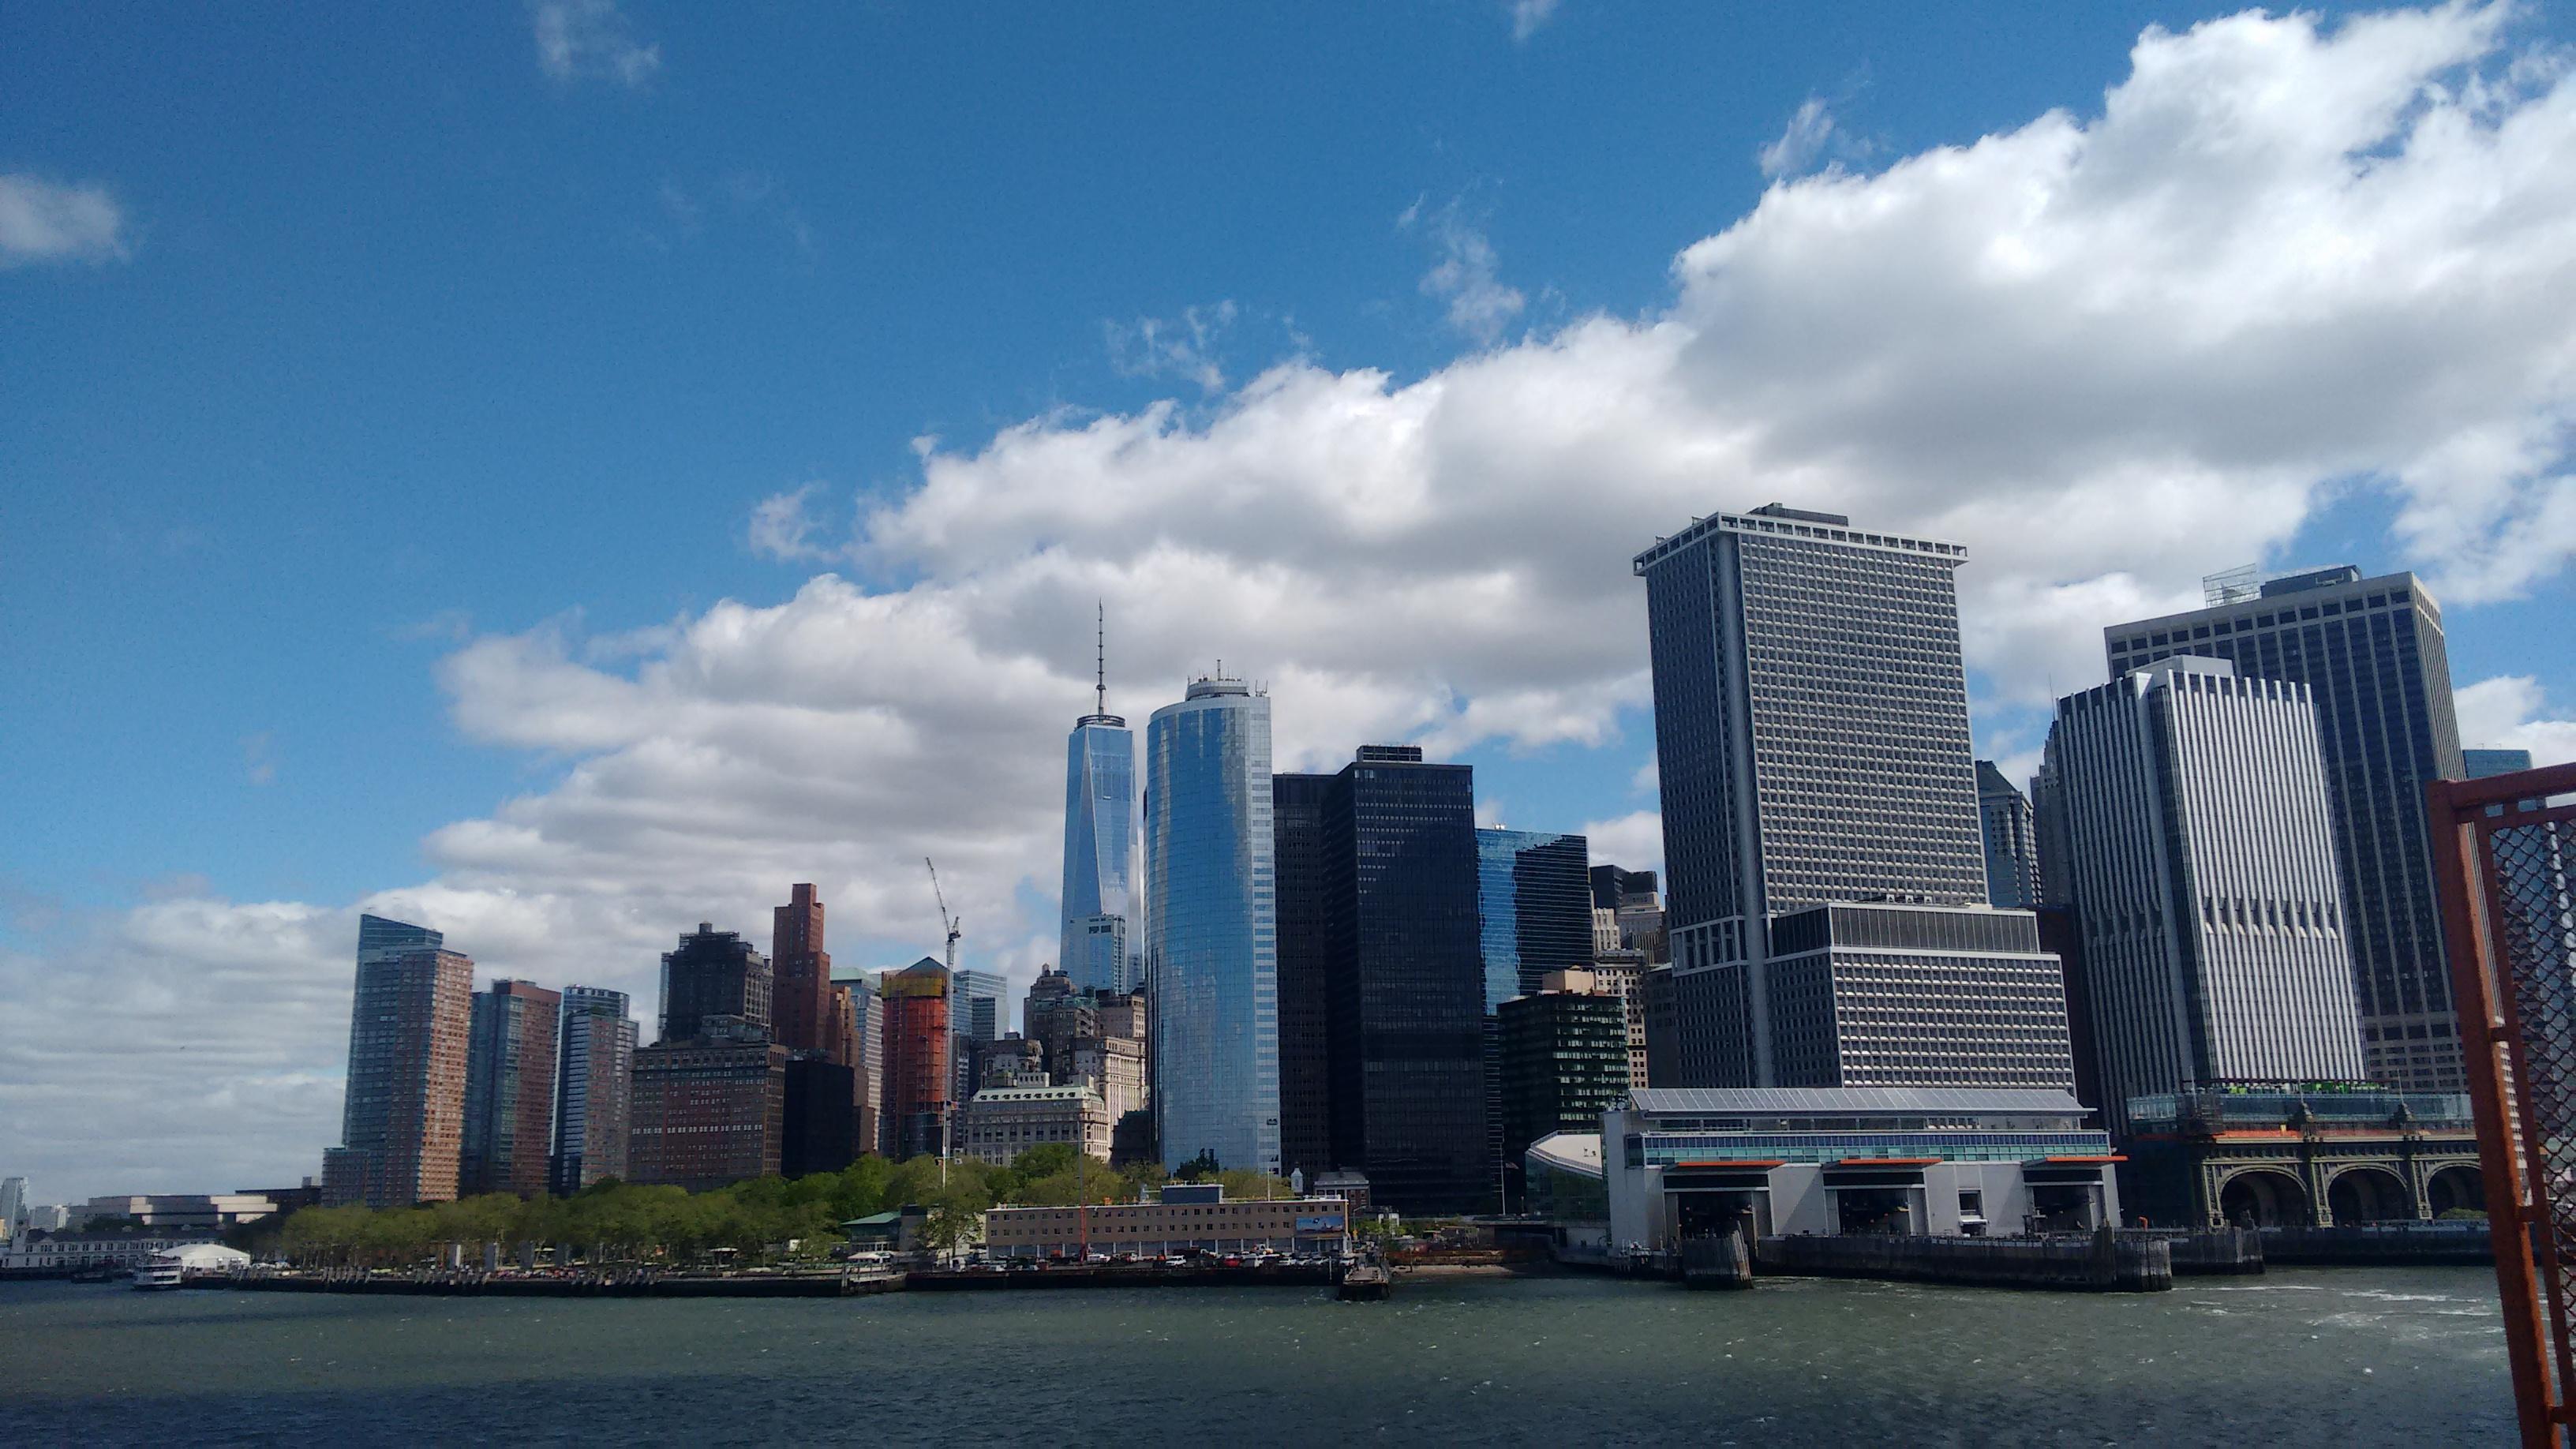 lugares-para-se-viajar-sozinho-nova-york Os 15 melhores lugares do mundo para se viajar sozinho (a)